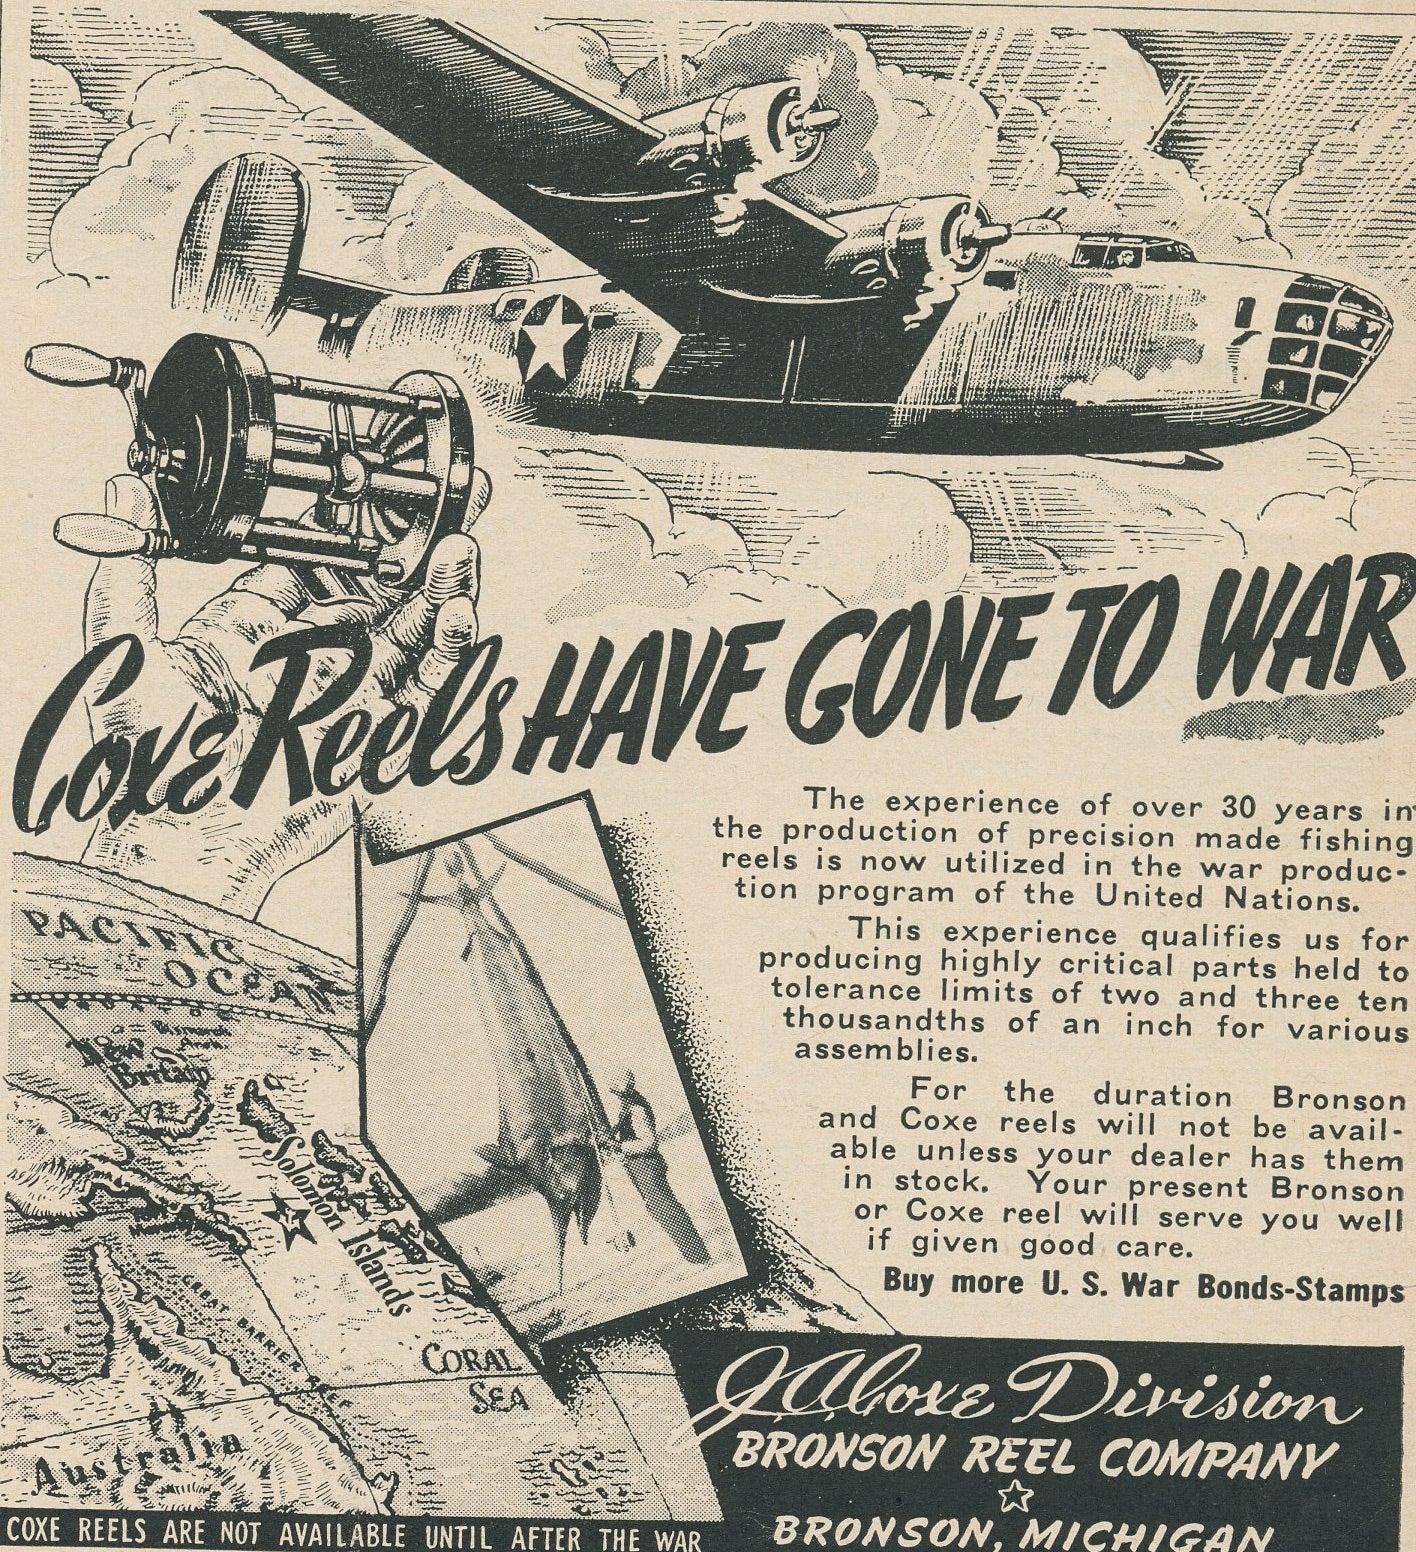 World War II Ads